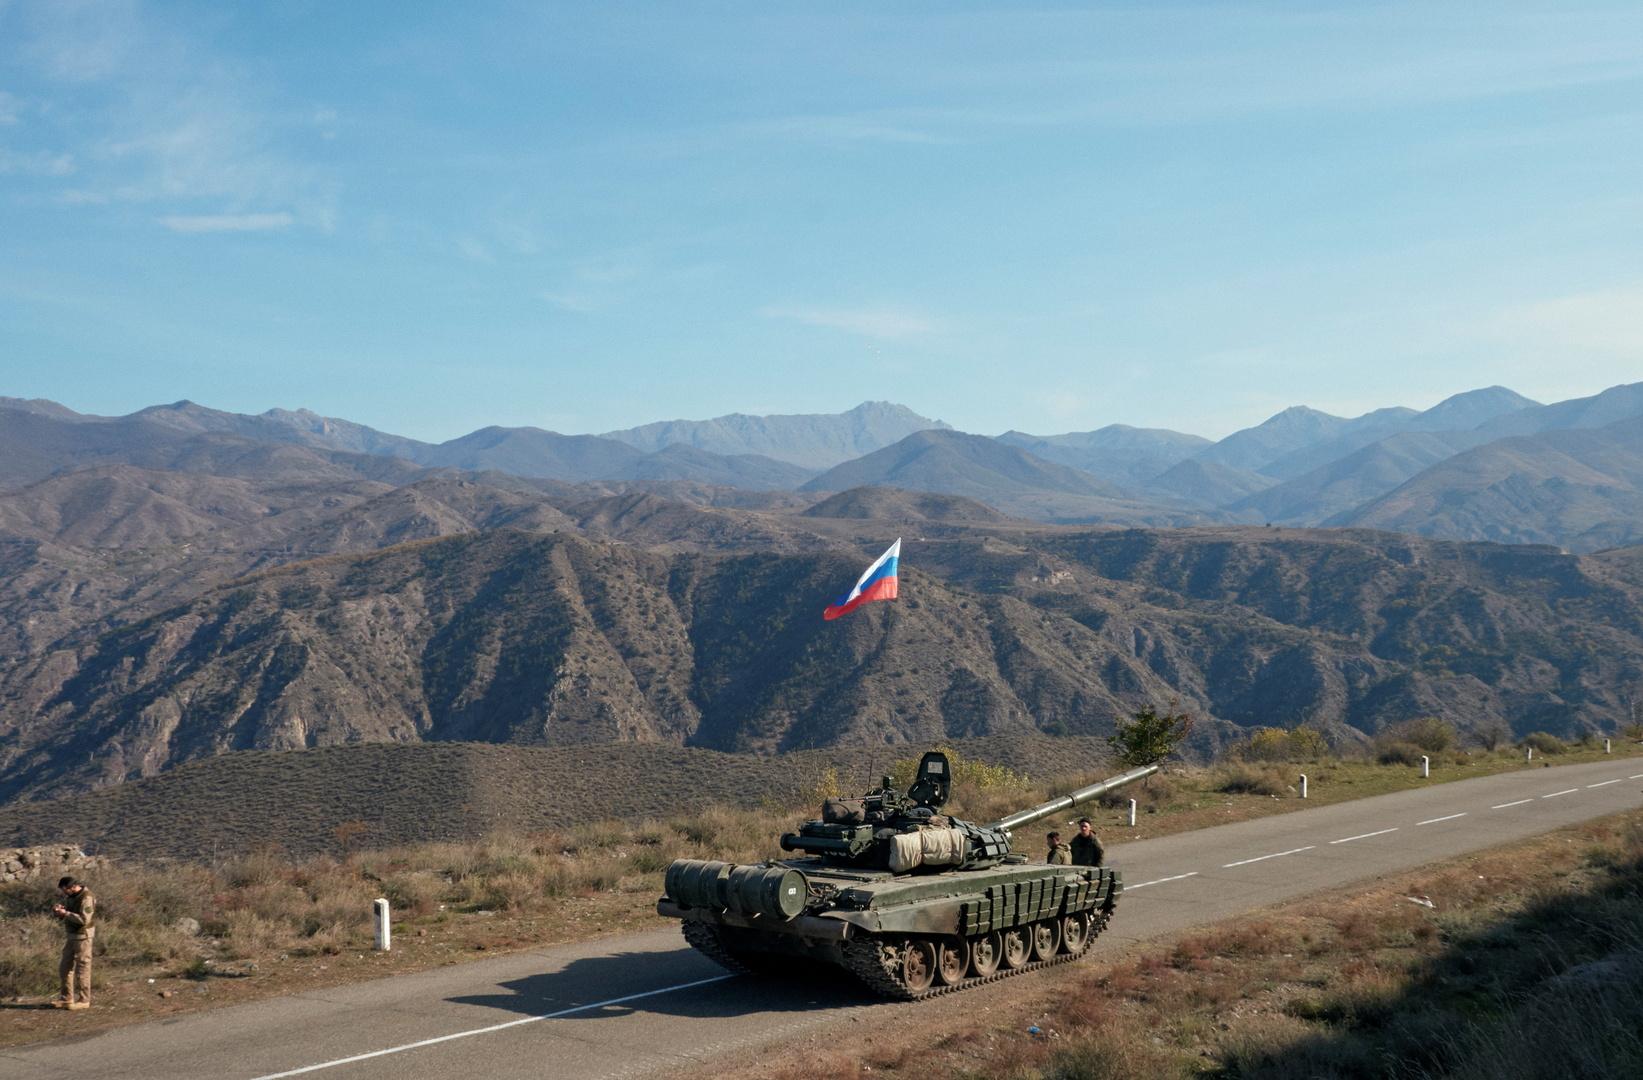 دبابة تابعة لقوات حفظ سلام روسية في أردوغان